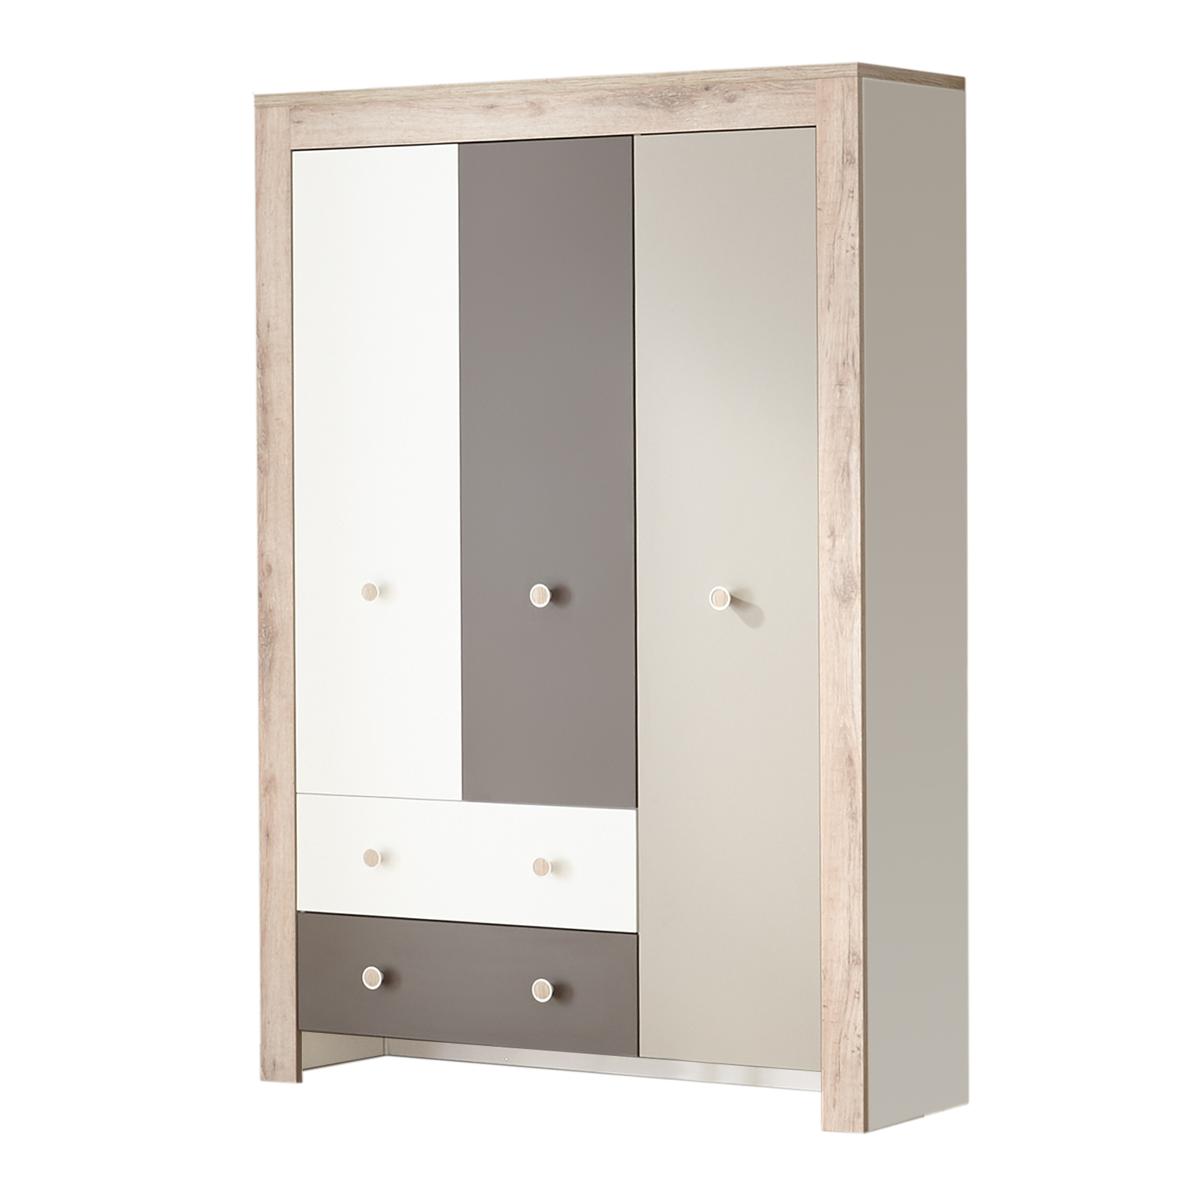 Mäusbacher Bea Kleiderschrank 0447_KS_32 mit 3 Türen und 2 Schubkästen für  Ihr Kinderzimmer oder Babyzimmer Schrank im Dekor Weiß matt Lack mit ...